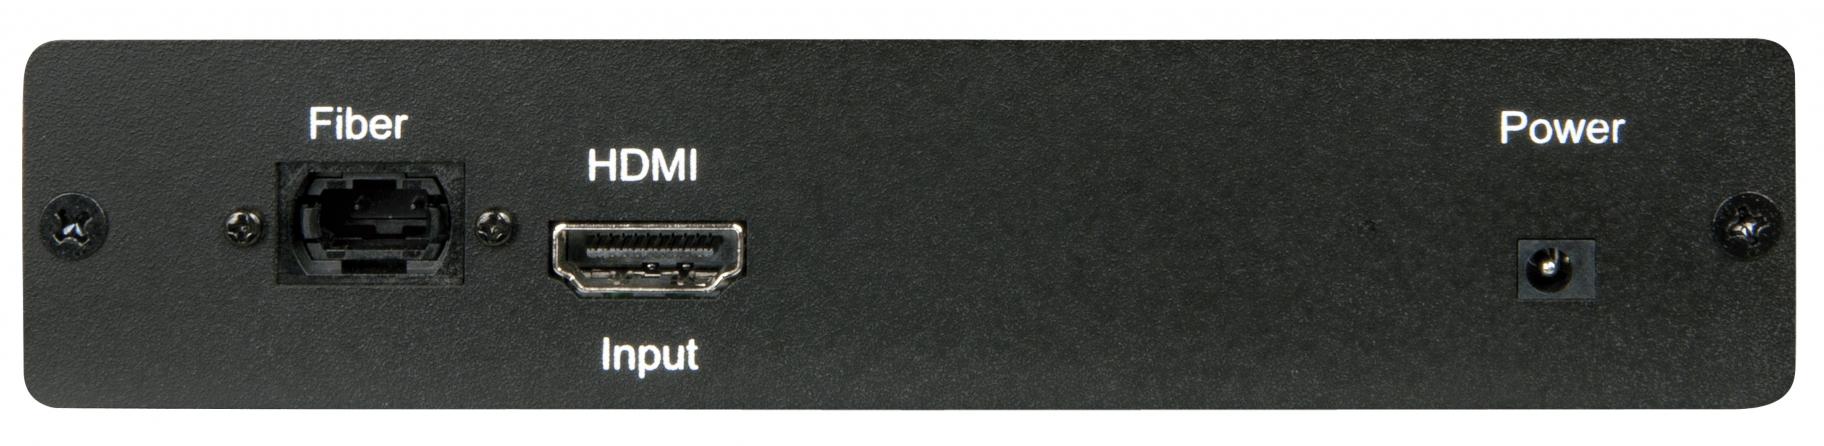 Extender HDMI 2.0 4K60 su fibra ottica, 200m